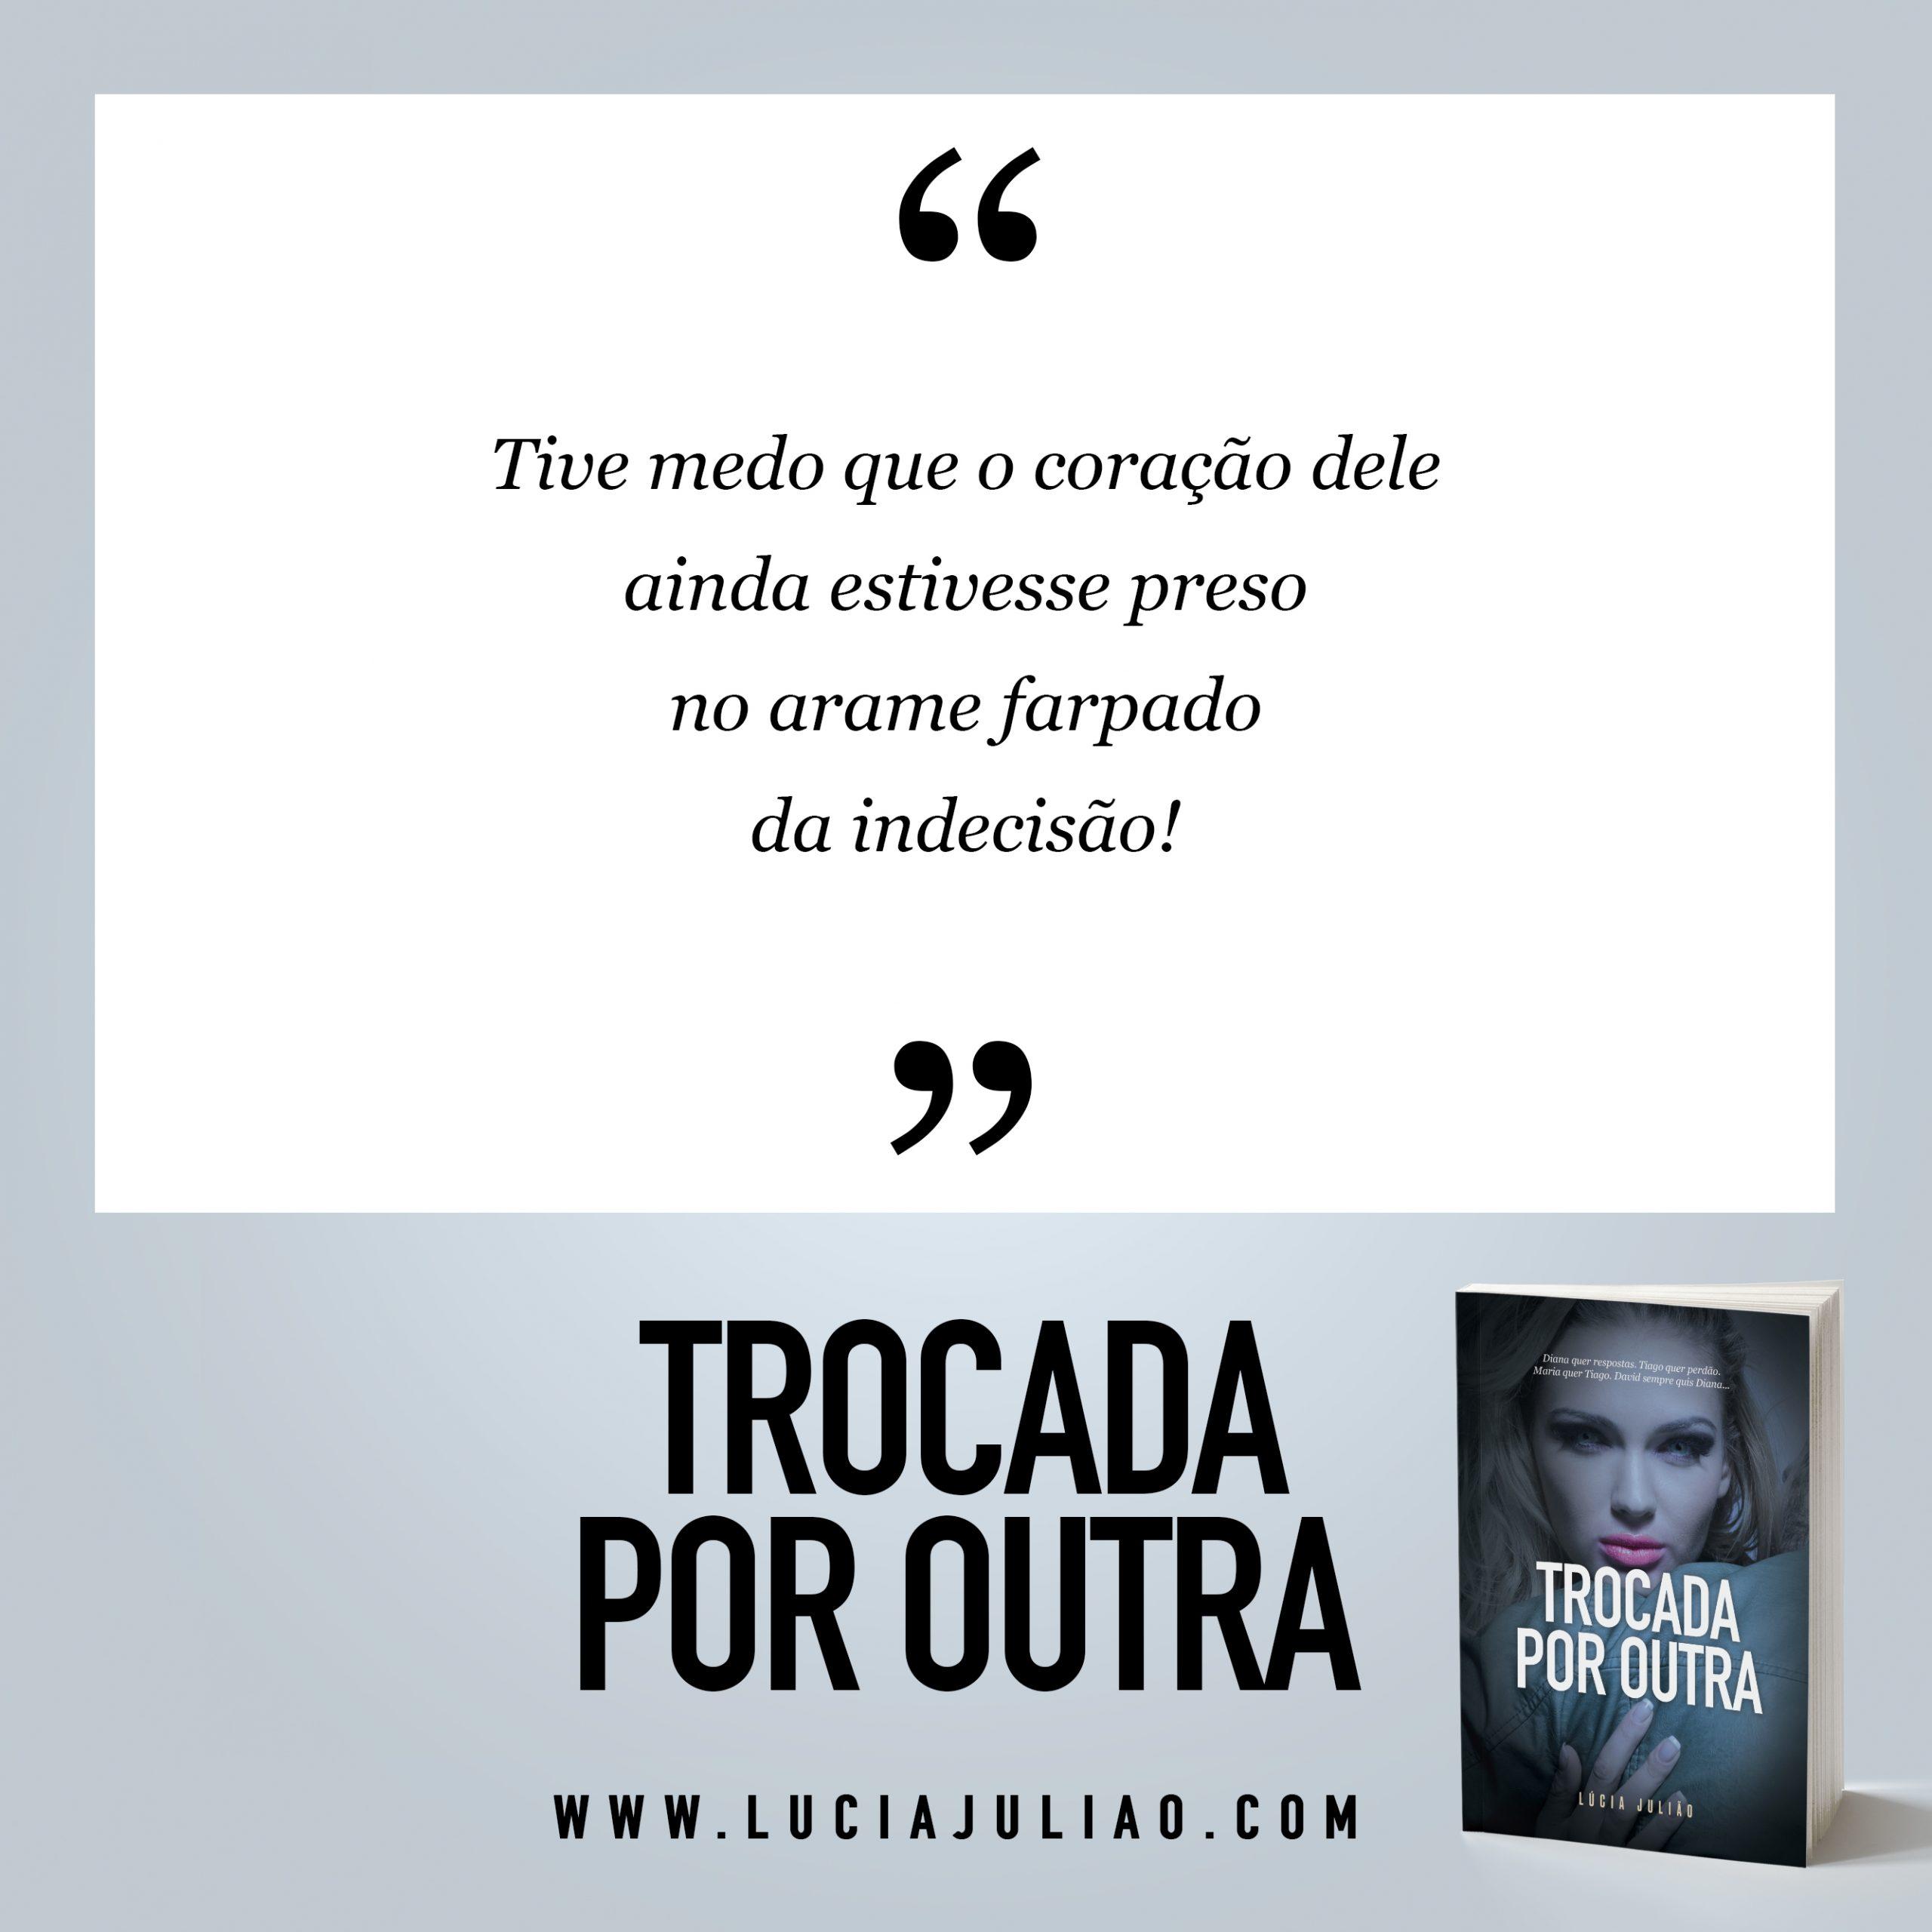 043aQ - capitulo 13 Trocada por outra - Lúcia Julião